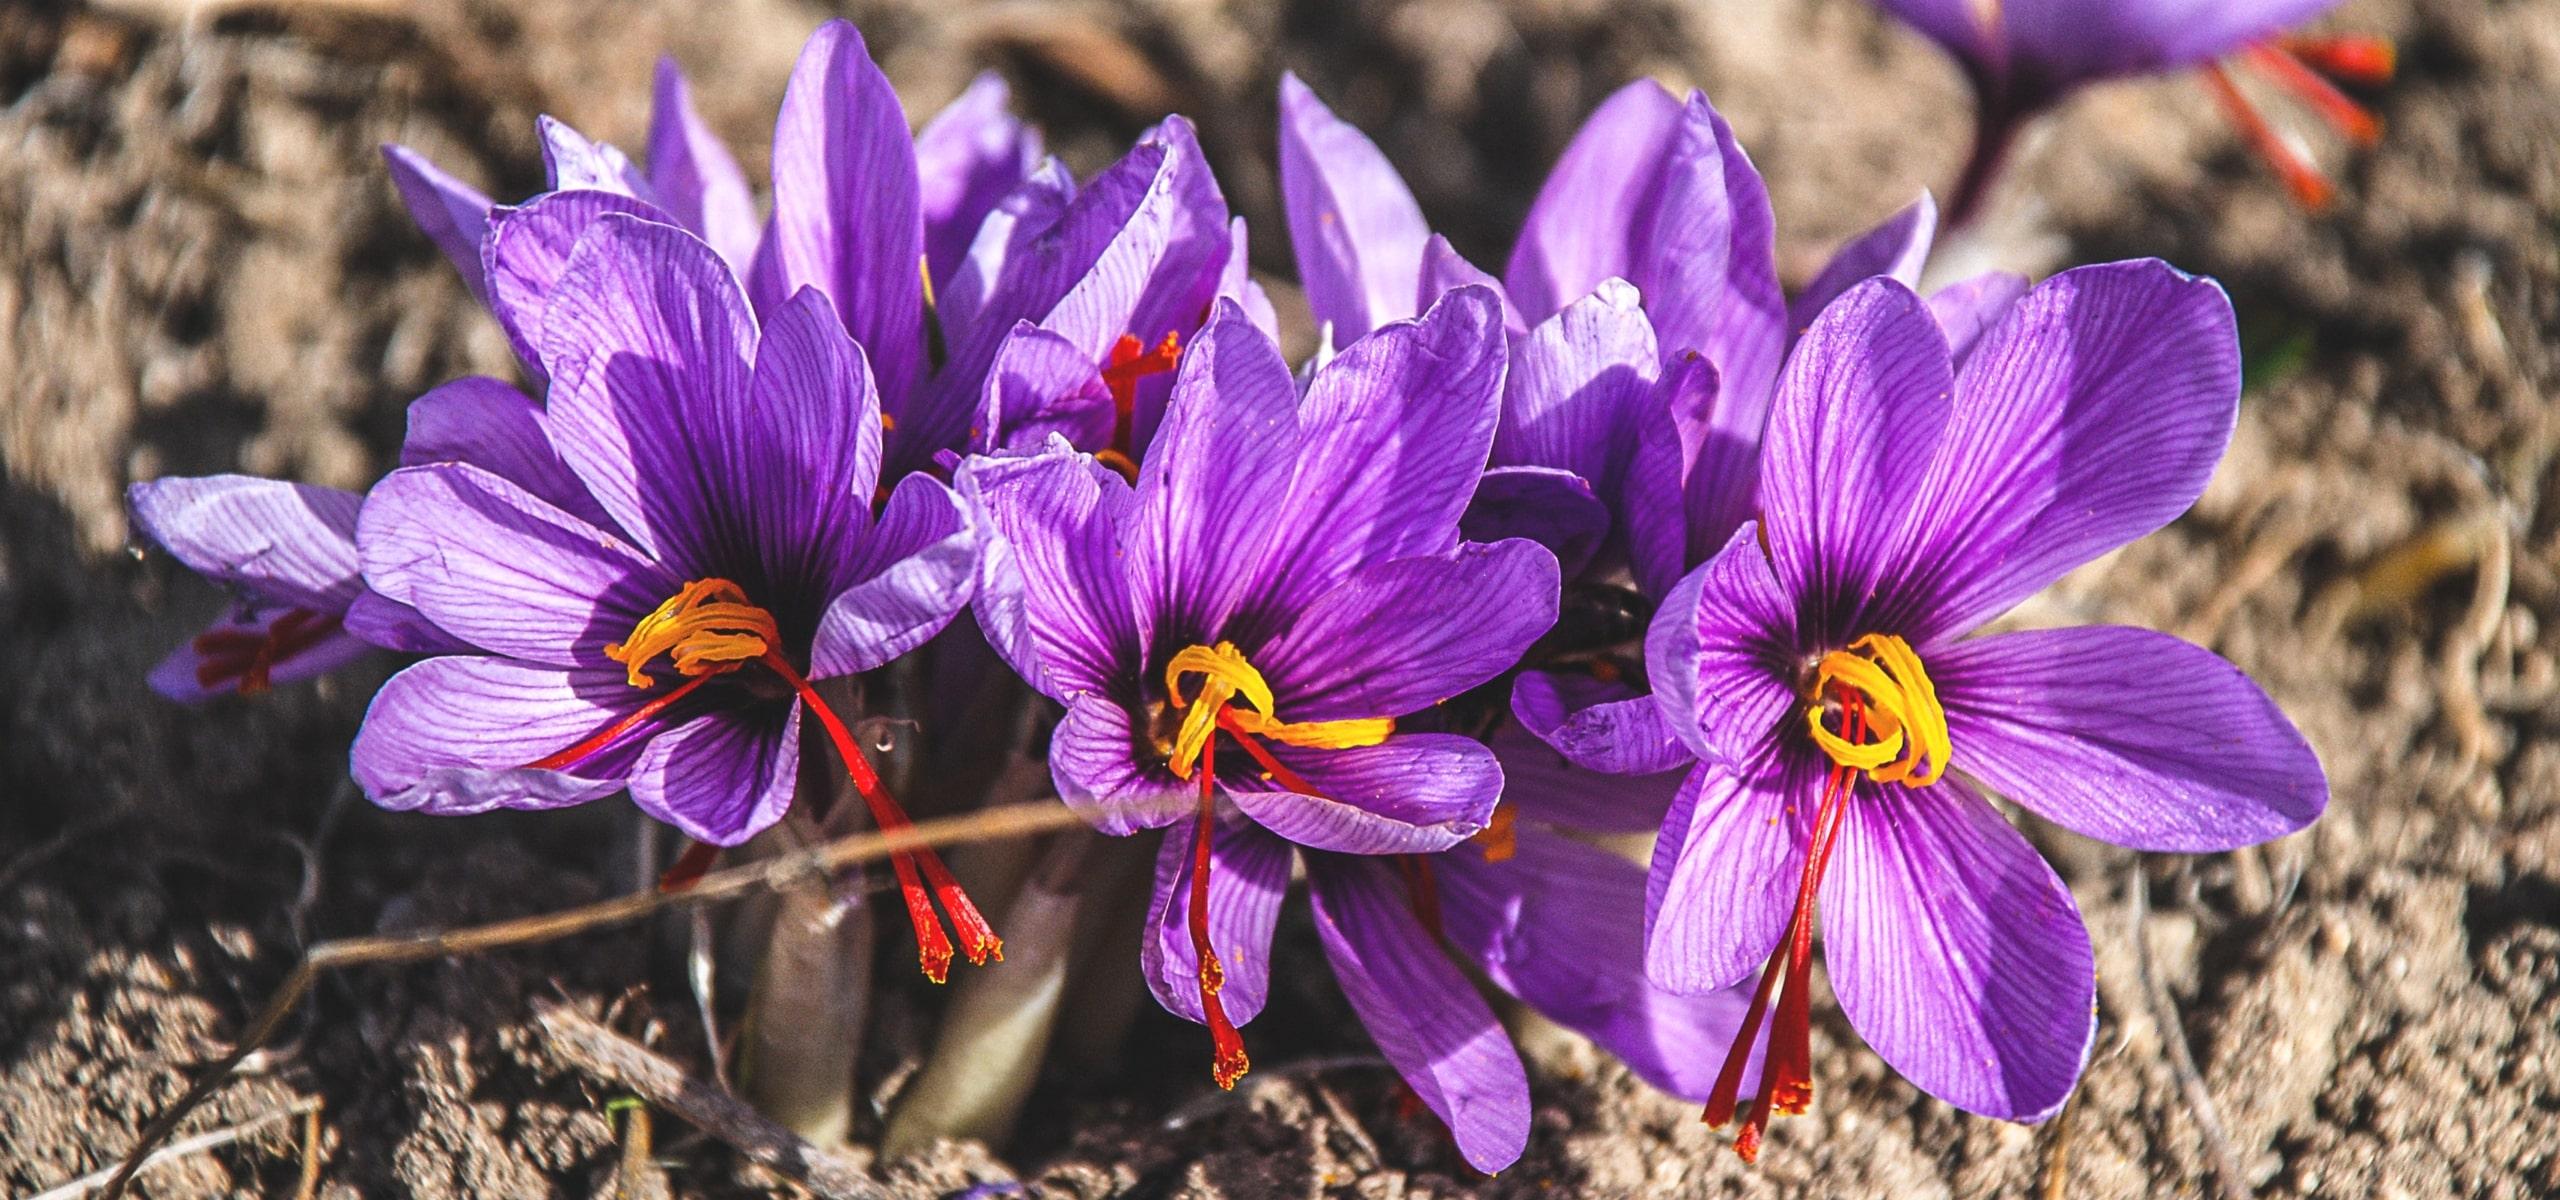 crocus safran ou crocus sativus planter cultiver et r colter votre safran promesse de fleurs. Black Bedroom Furniture Sets. Home Design Ideas